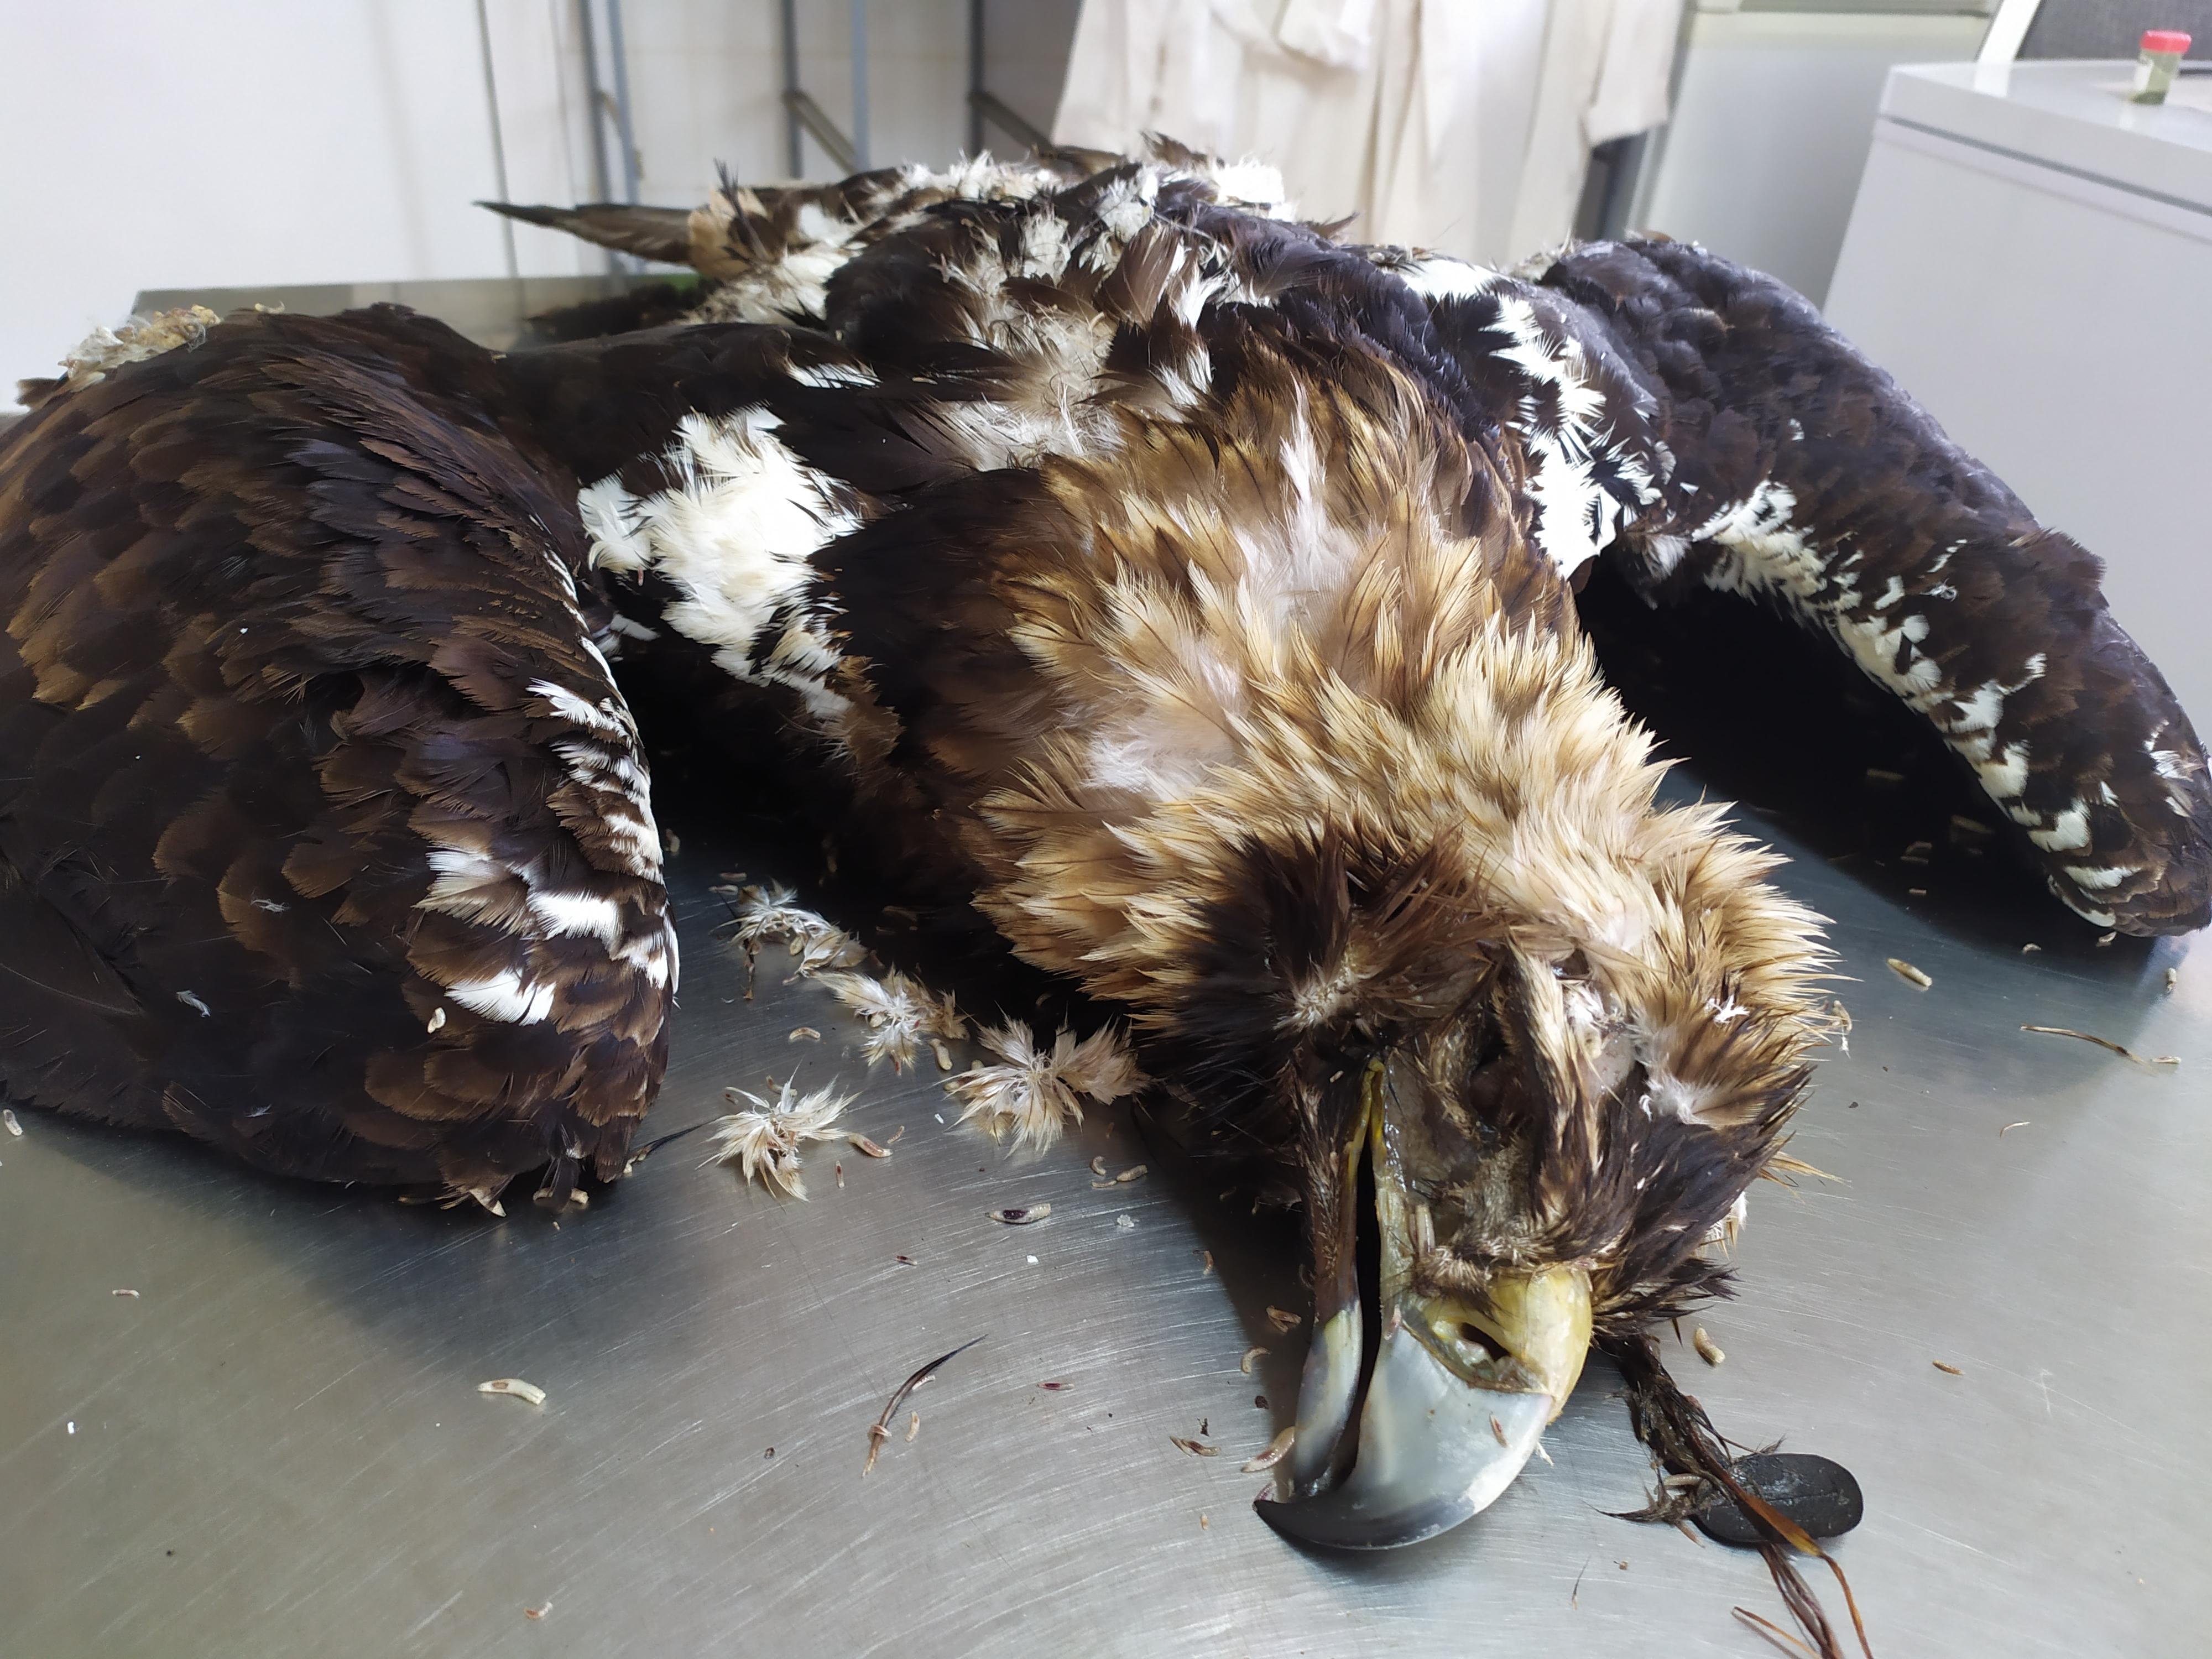 Cadáver de un ejemplar de águila imperial antes de realizar la necropsia en el Hospital de Fauna Silvestre de AMUS. Imagen: AMUS